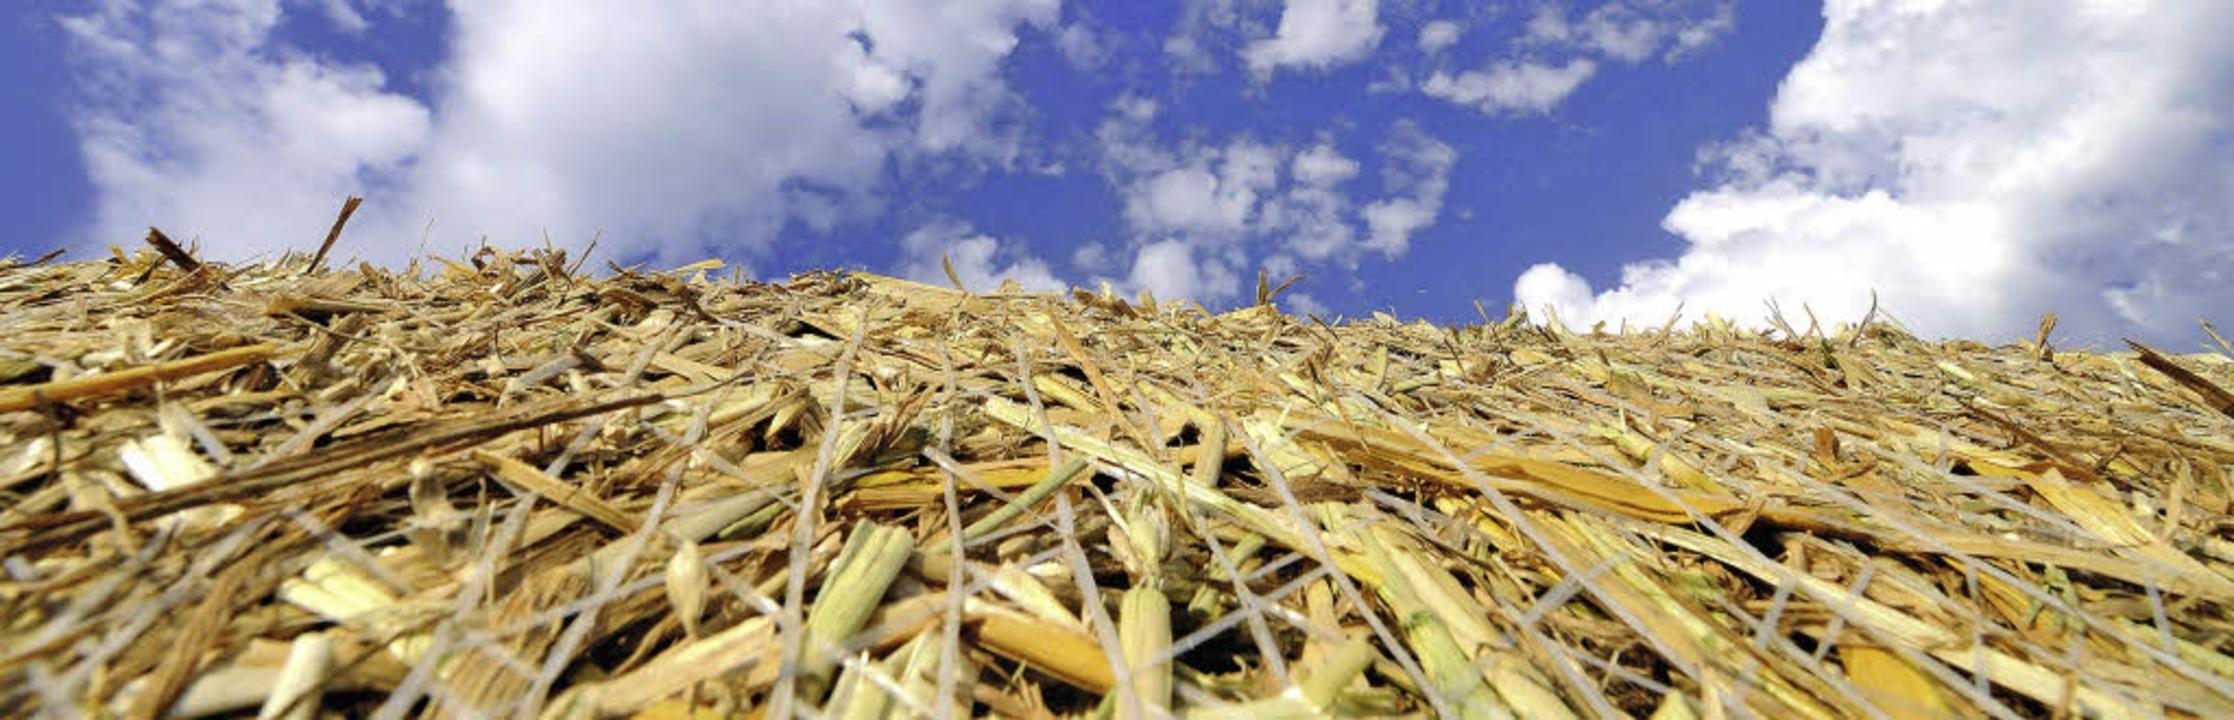 Abgeerntet: Die Getreideernte verlief ...den Ergebnissen des Vorjahres 2012.     | Foto: Siegfried gollrad